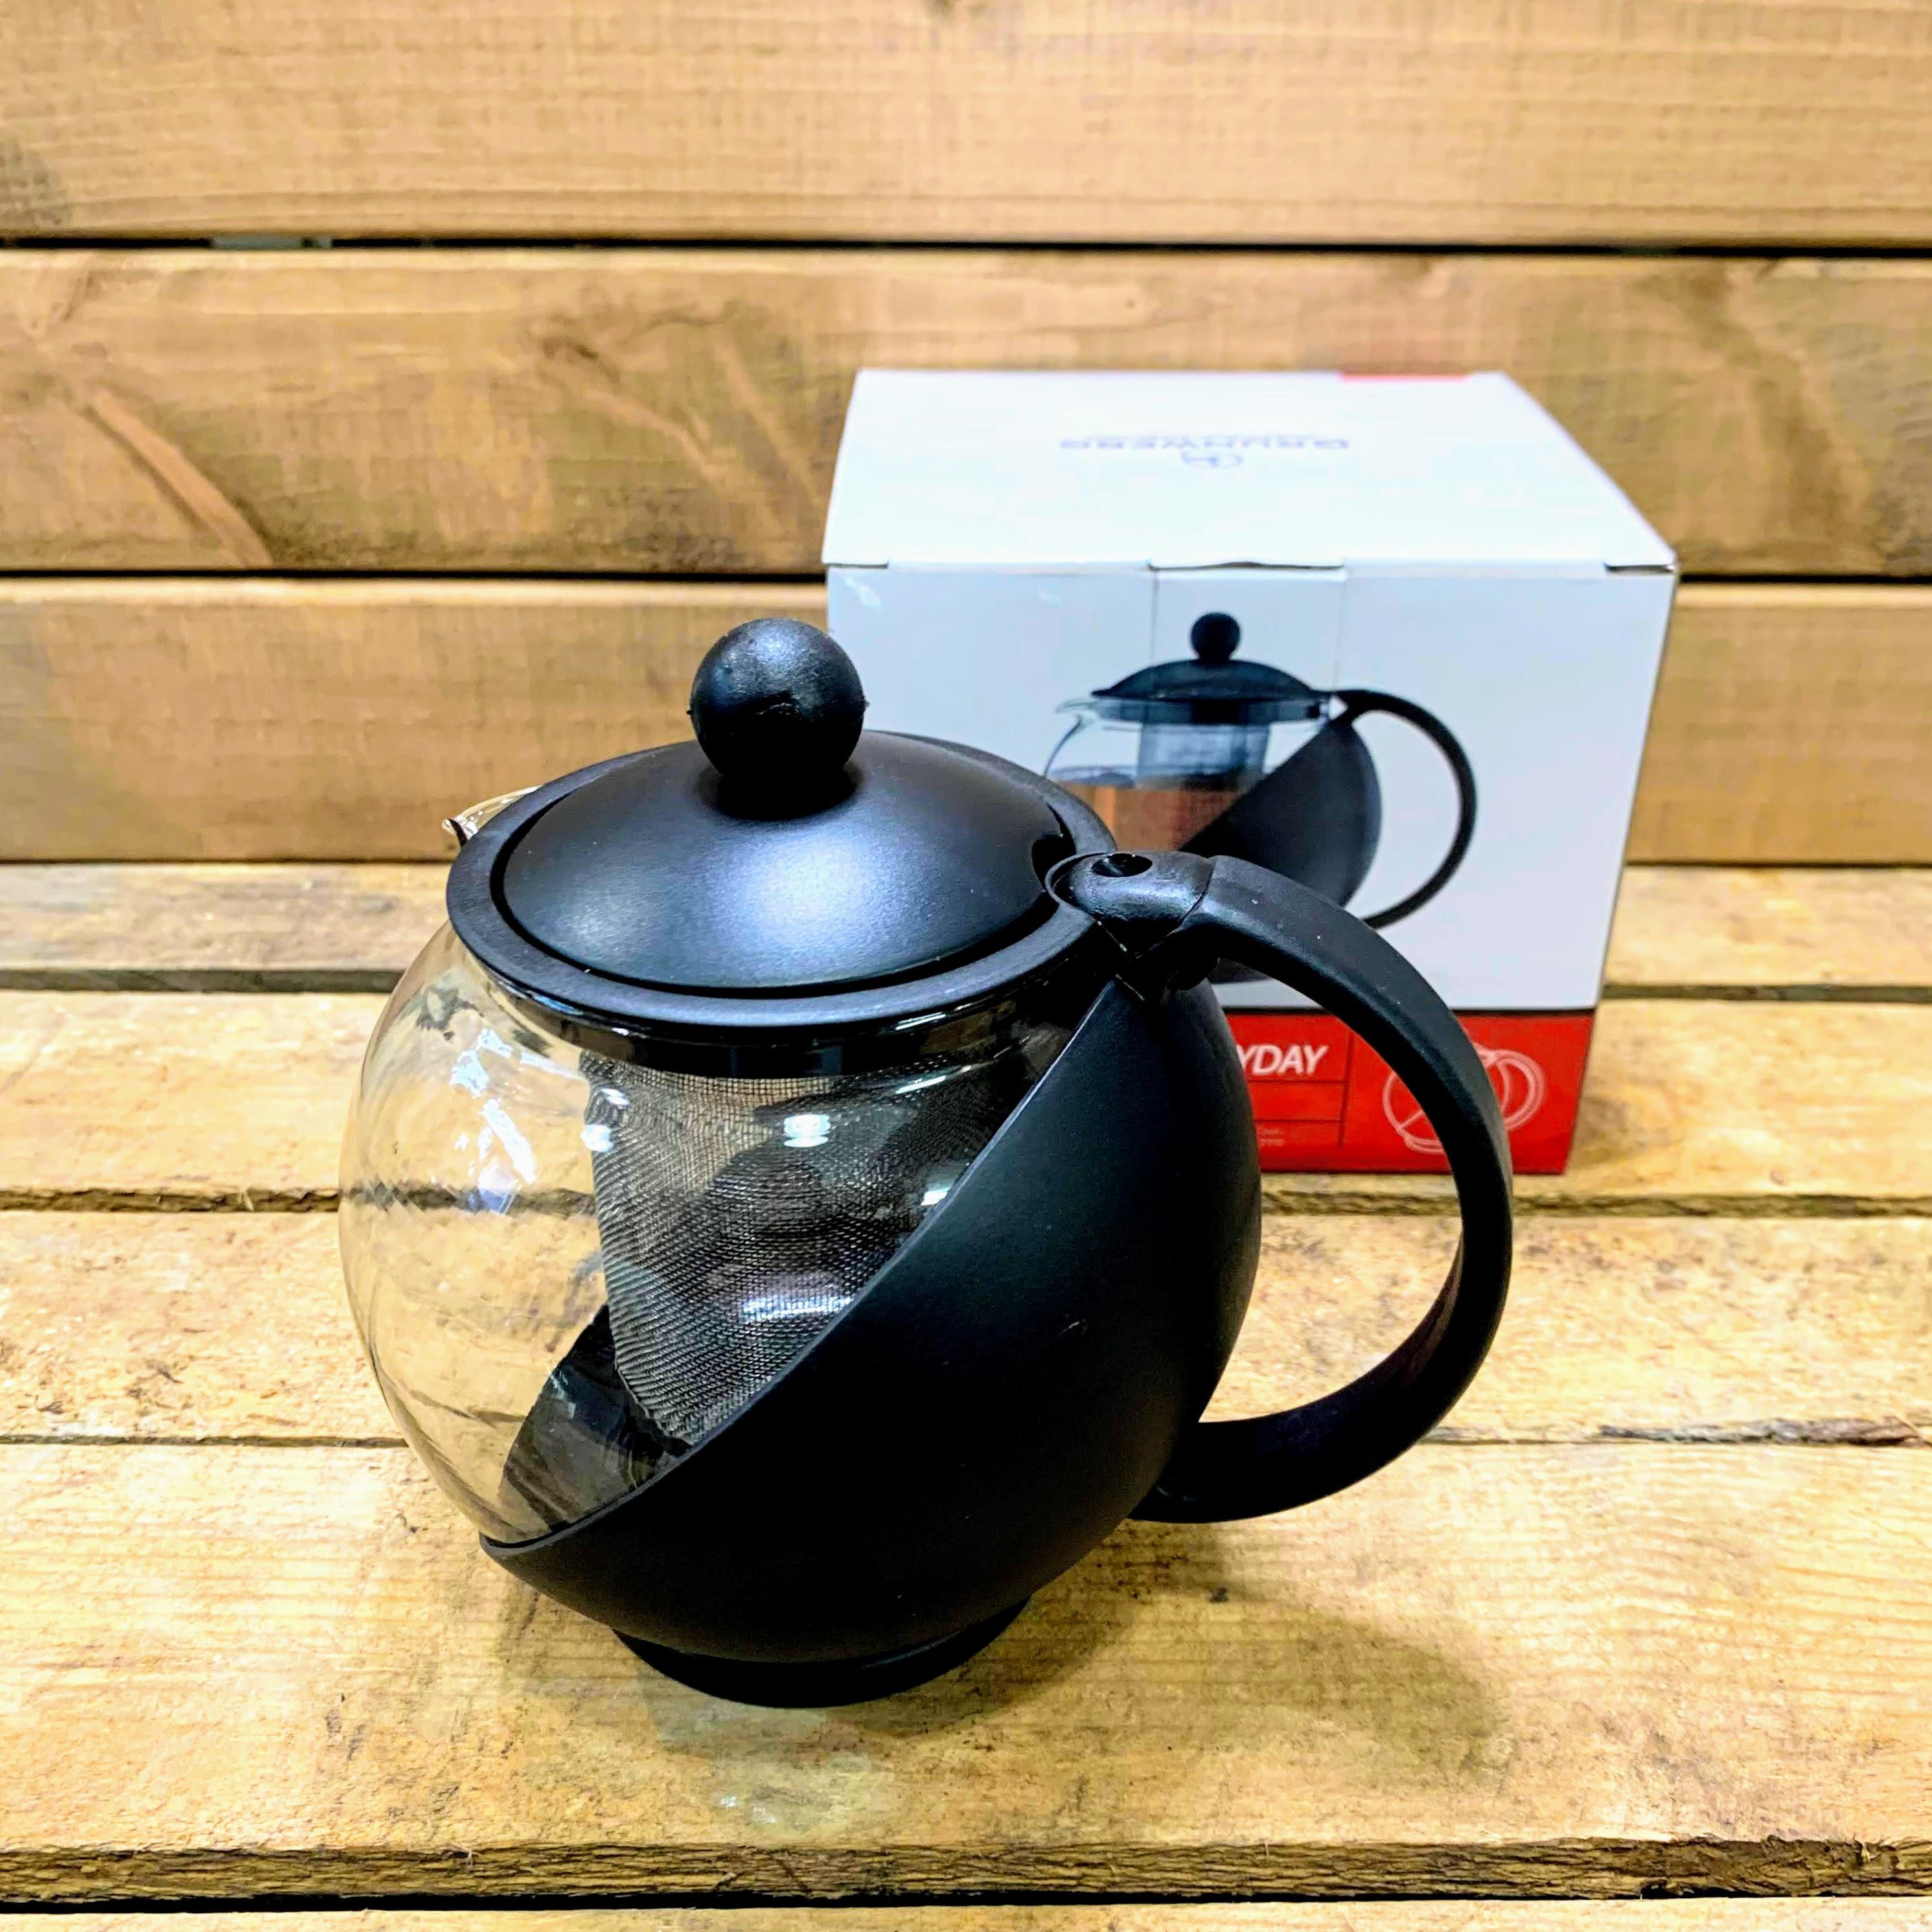 Café Ole Tea Pot with Infuser